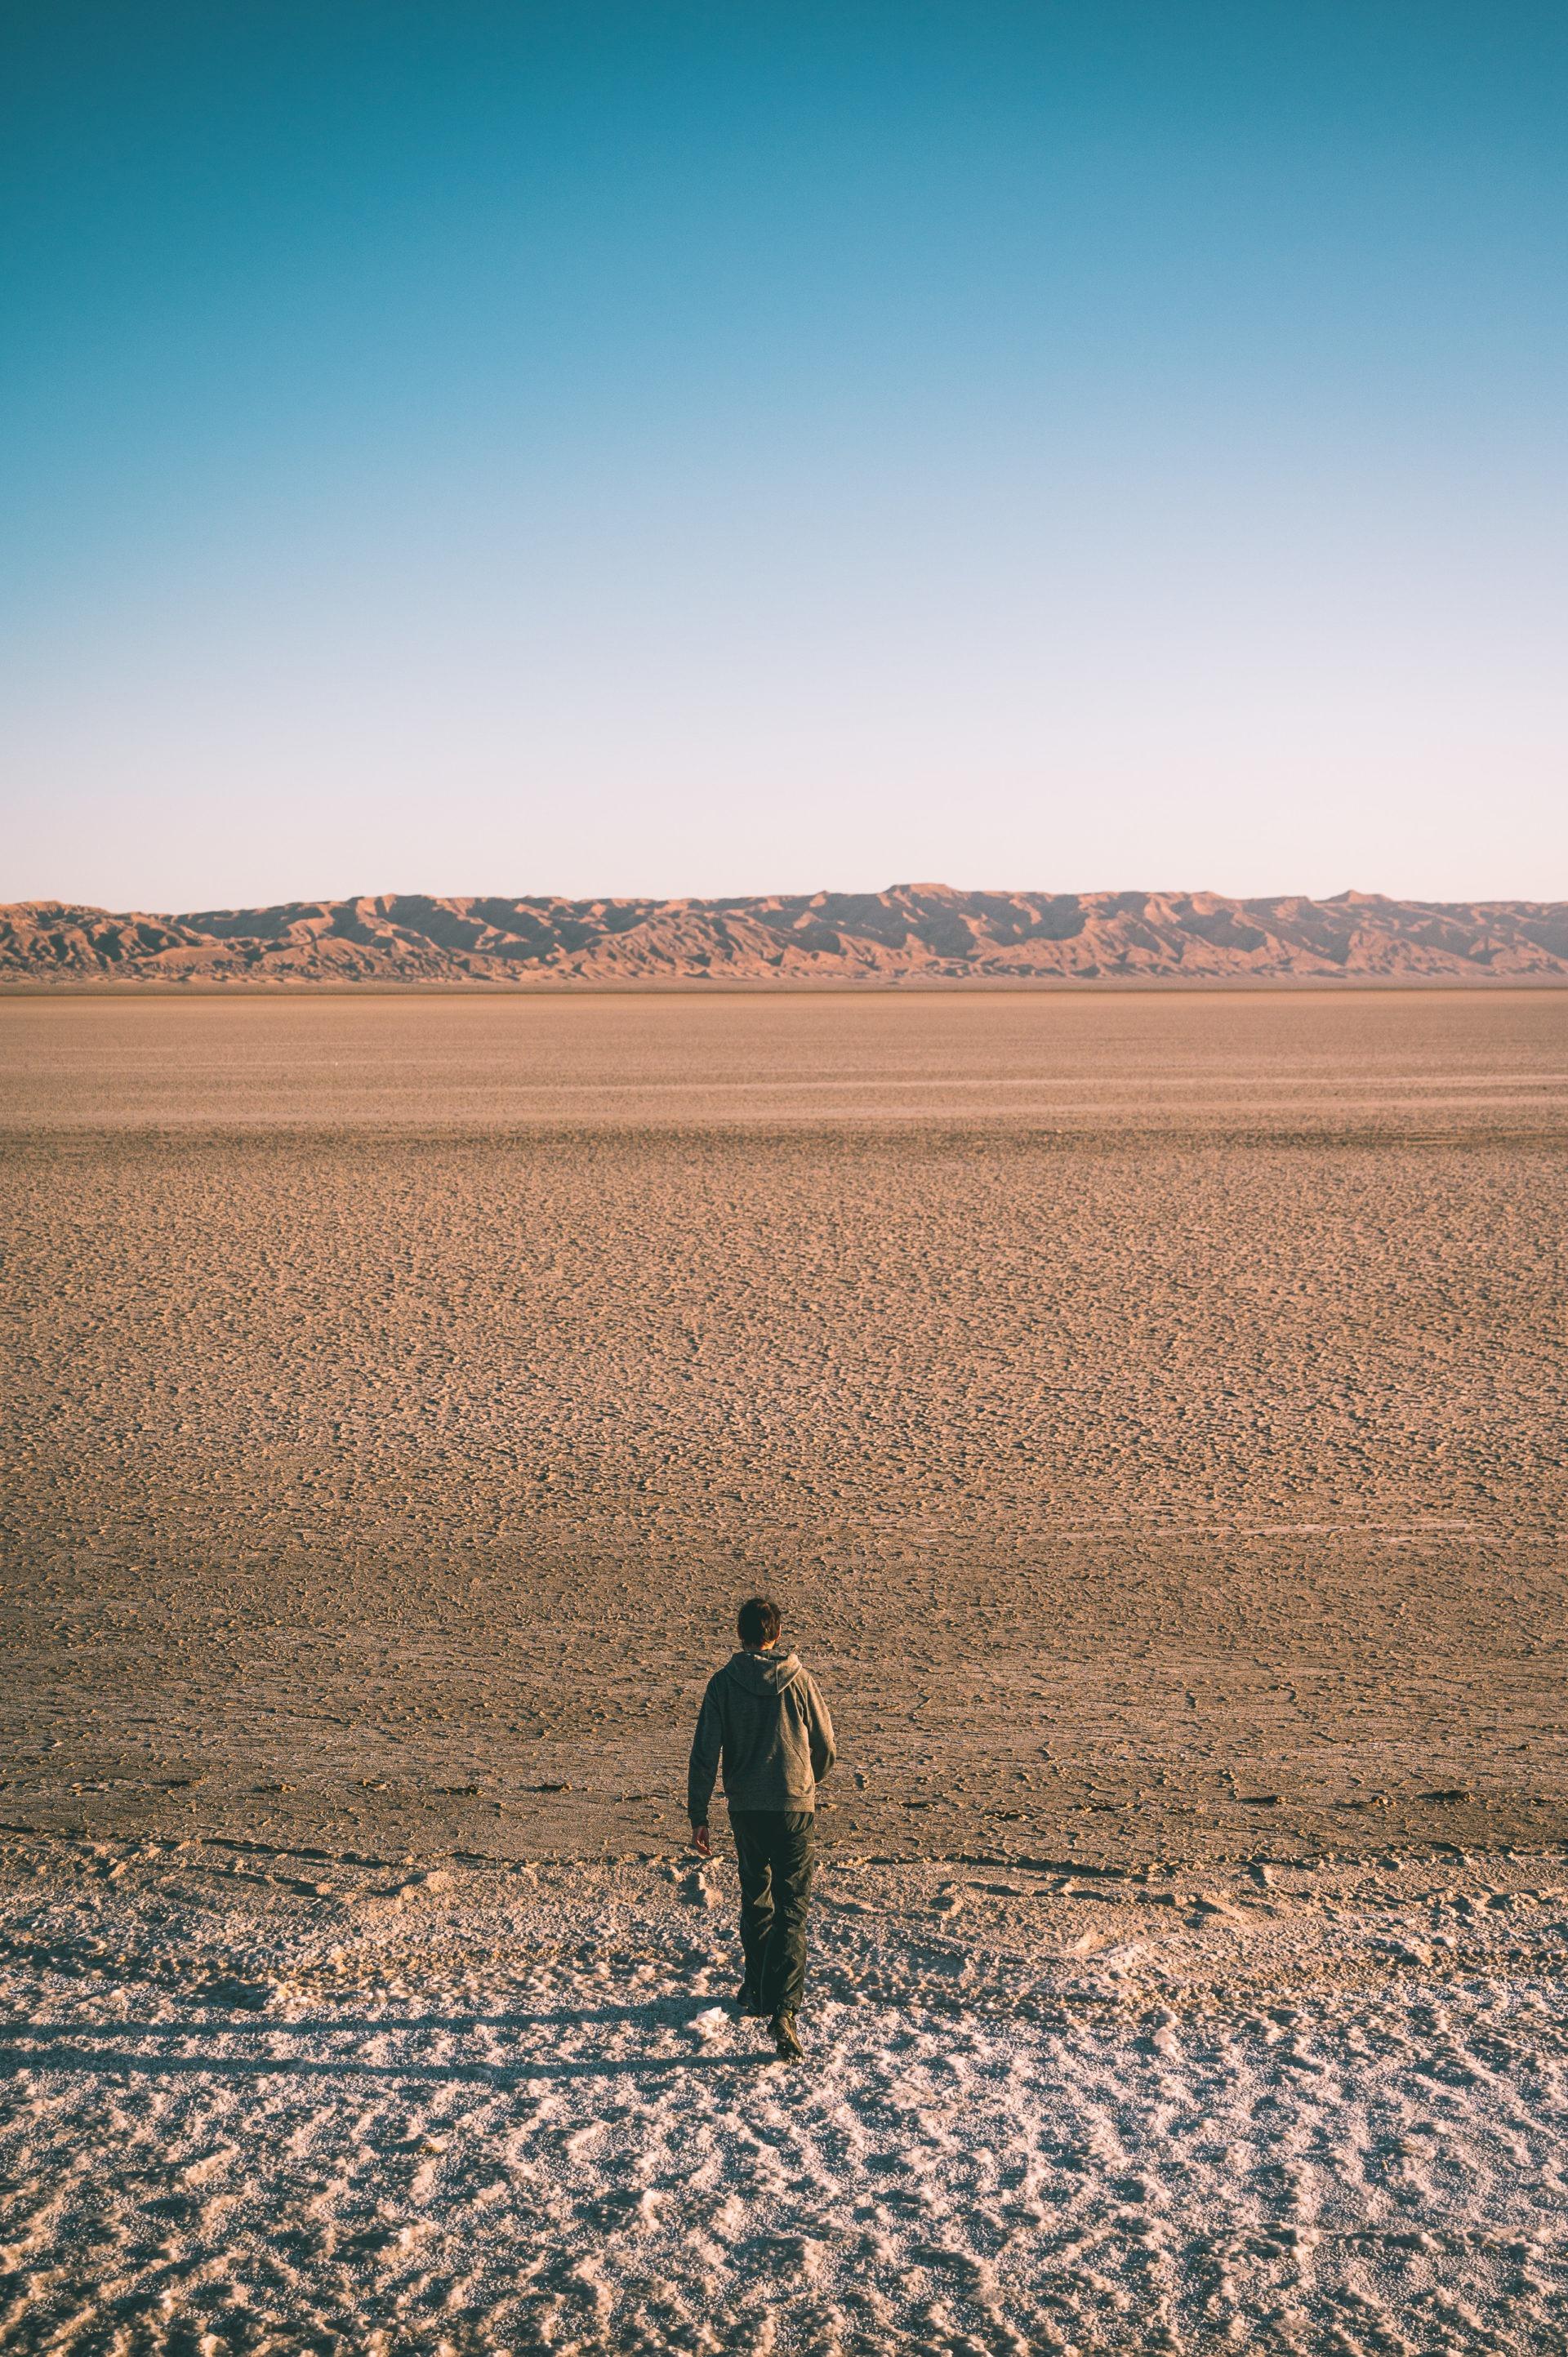 Le chot el jerid - désert de sel en Tunisie